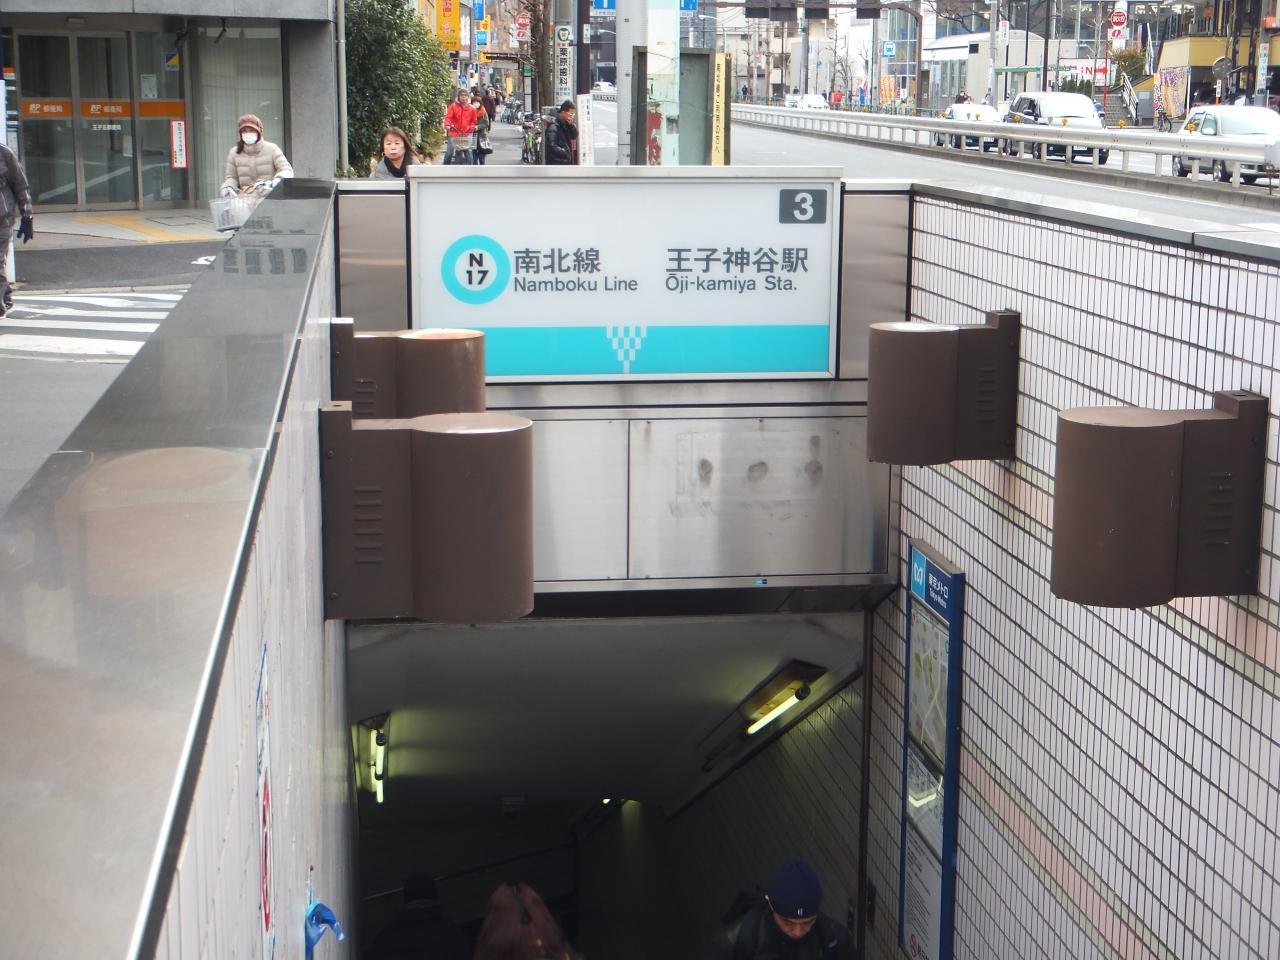 東京の地下鉄路線を歩こう! 第5弾:南北線 前編 (赤羽岩淵から飯田橋へ)ニューイヤーコンサートに寄り道